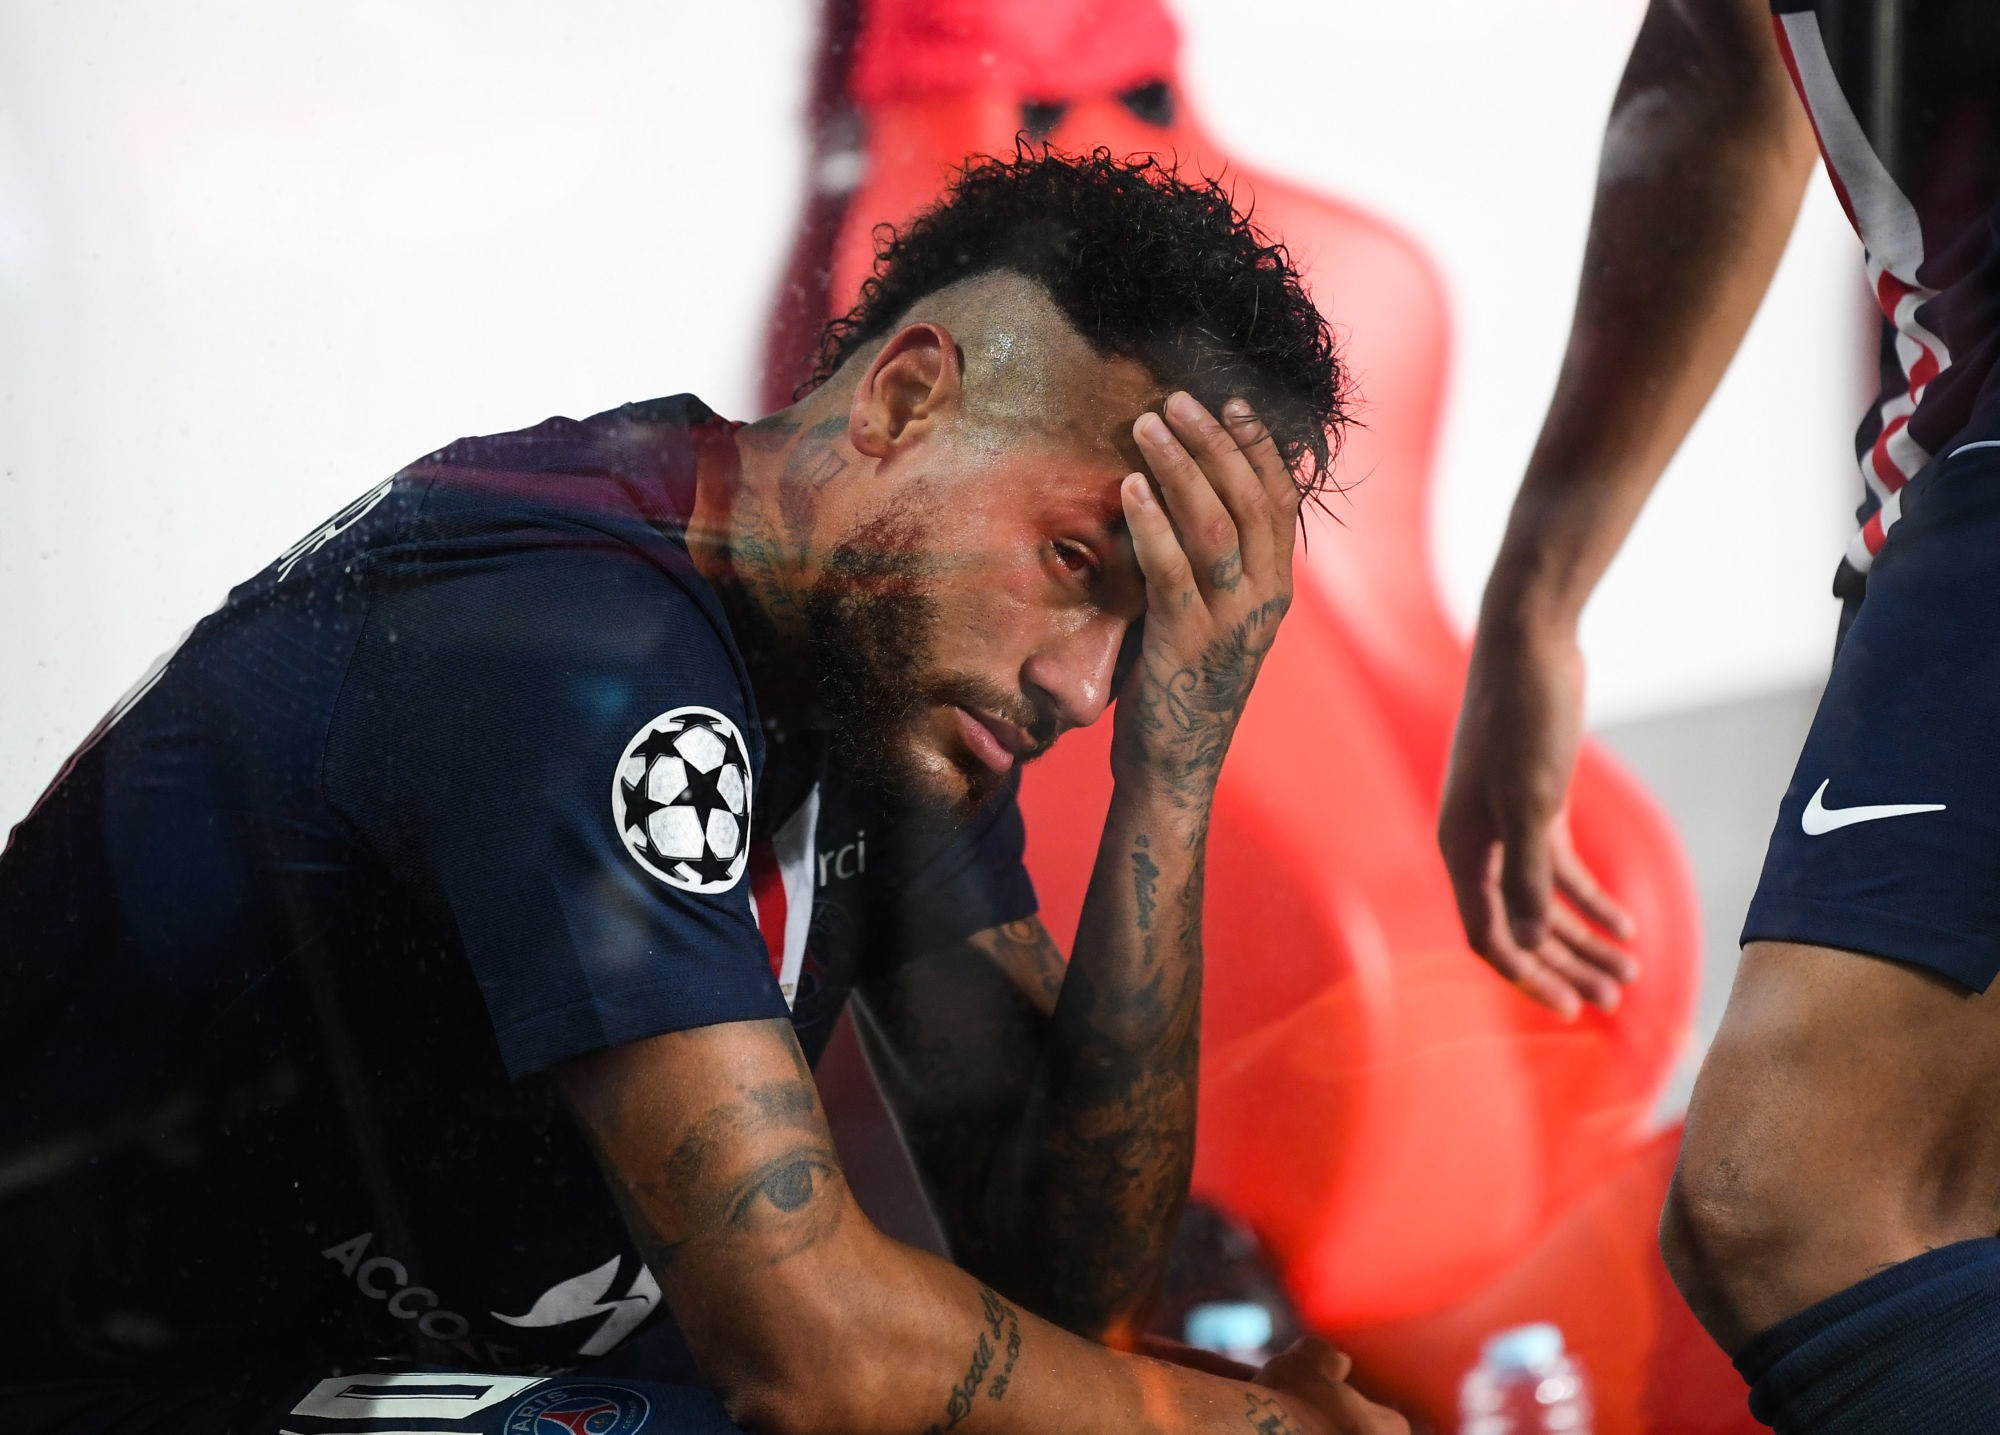 PSG/Bayern - Rouyer voit du faux dans les larmes de Neymar après la finale, c'est déprimant